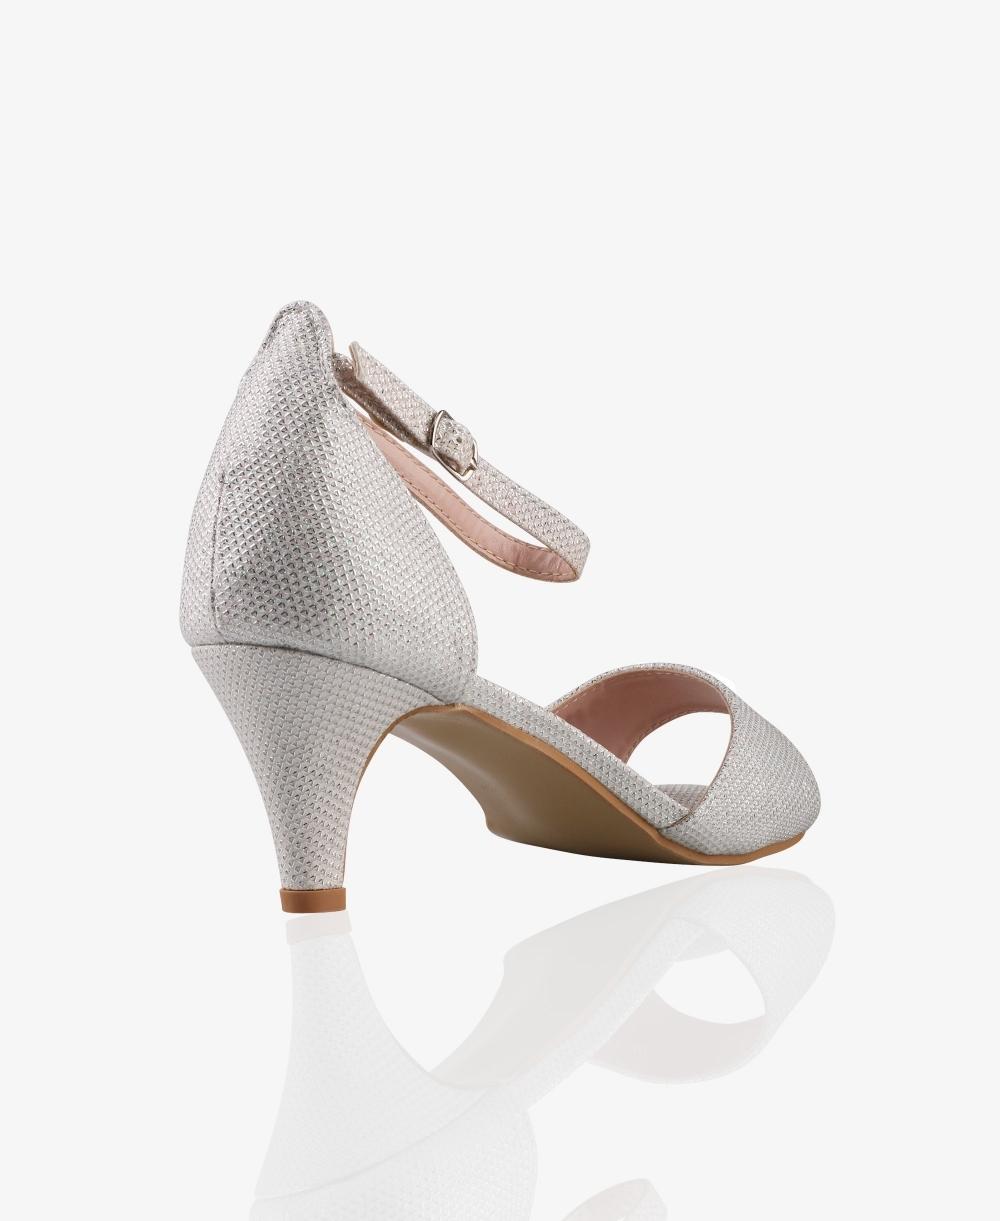 Glitter Ankle Strap Kitten Heels